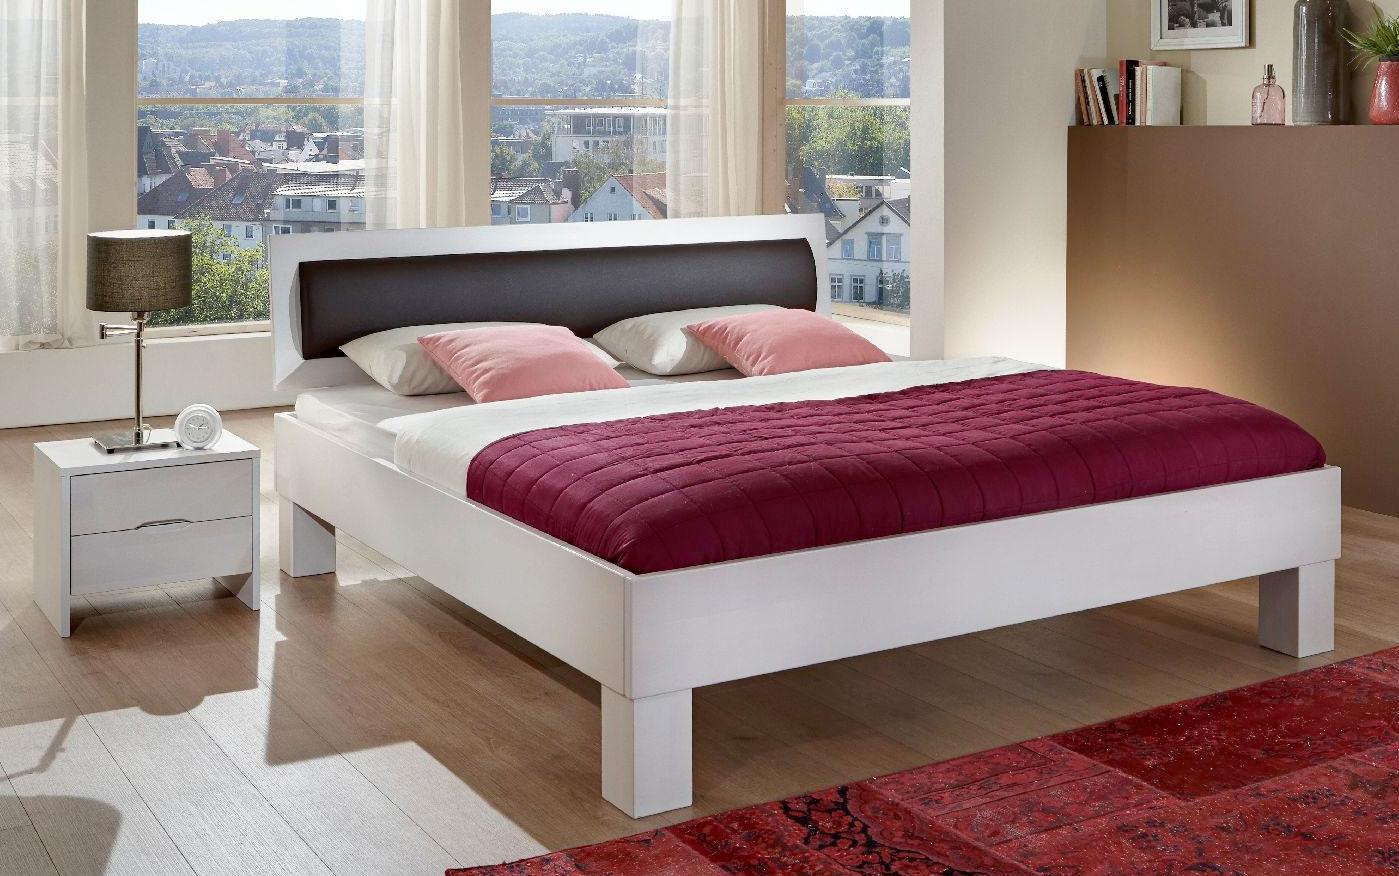 Dico Classic massives Holzbett weiß mit Polstereinlage